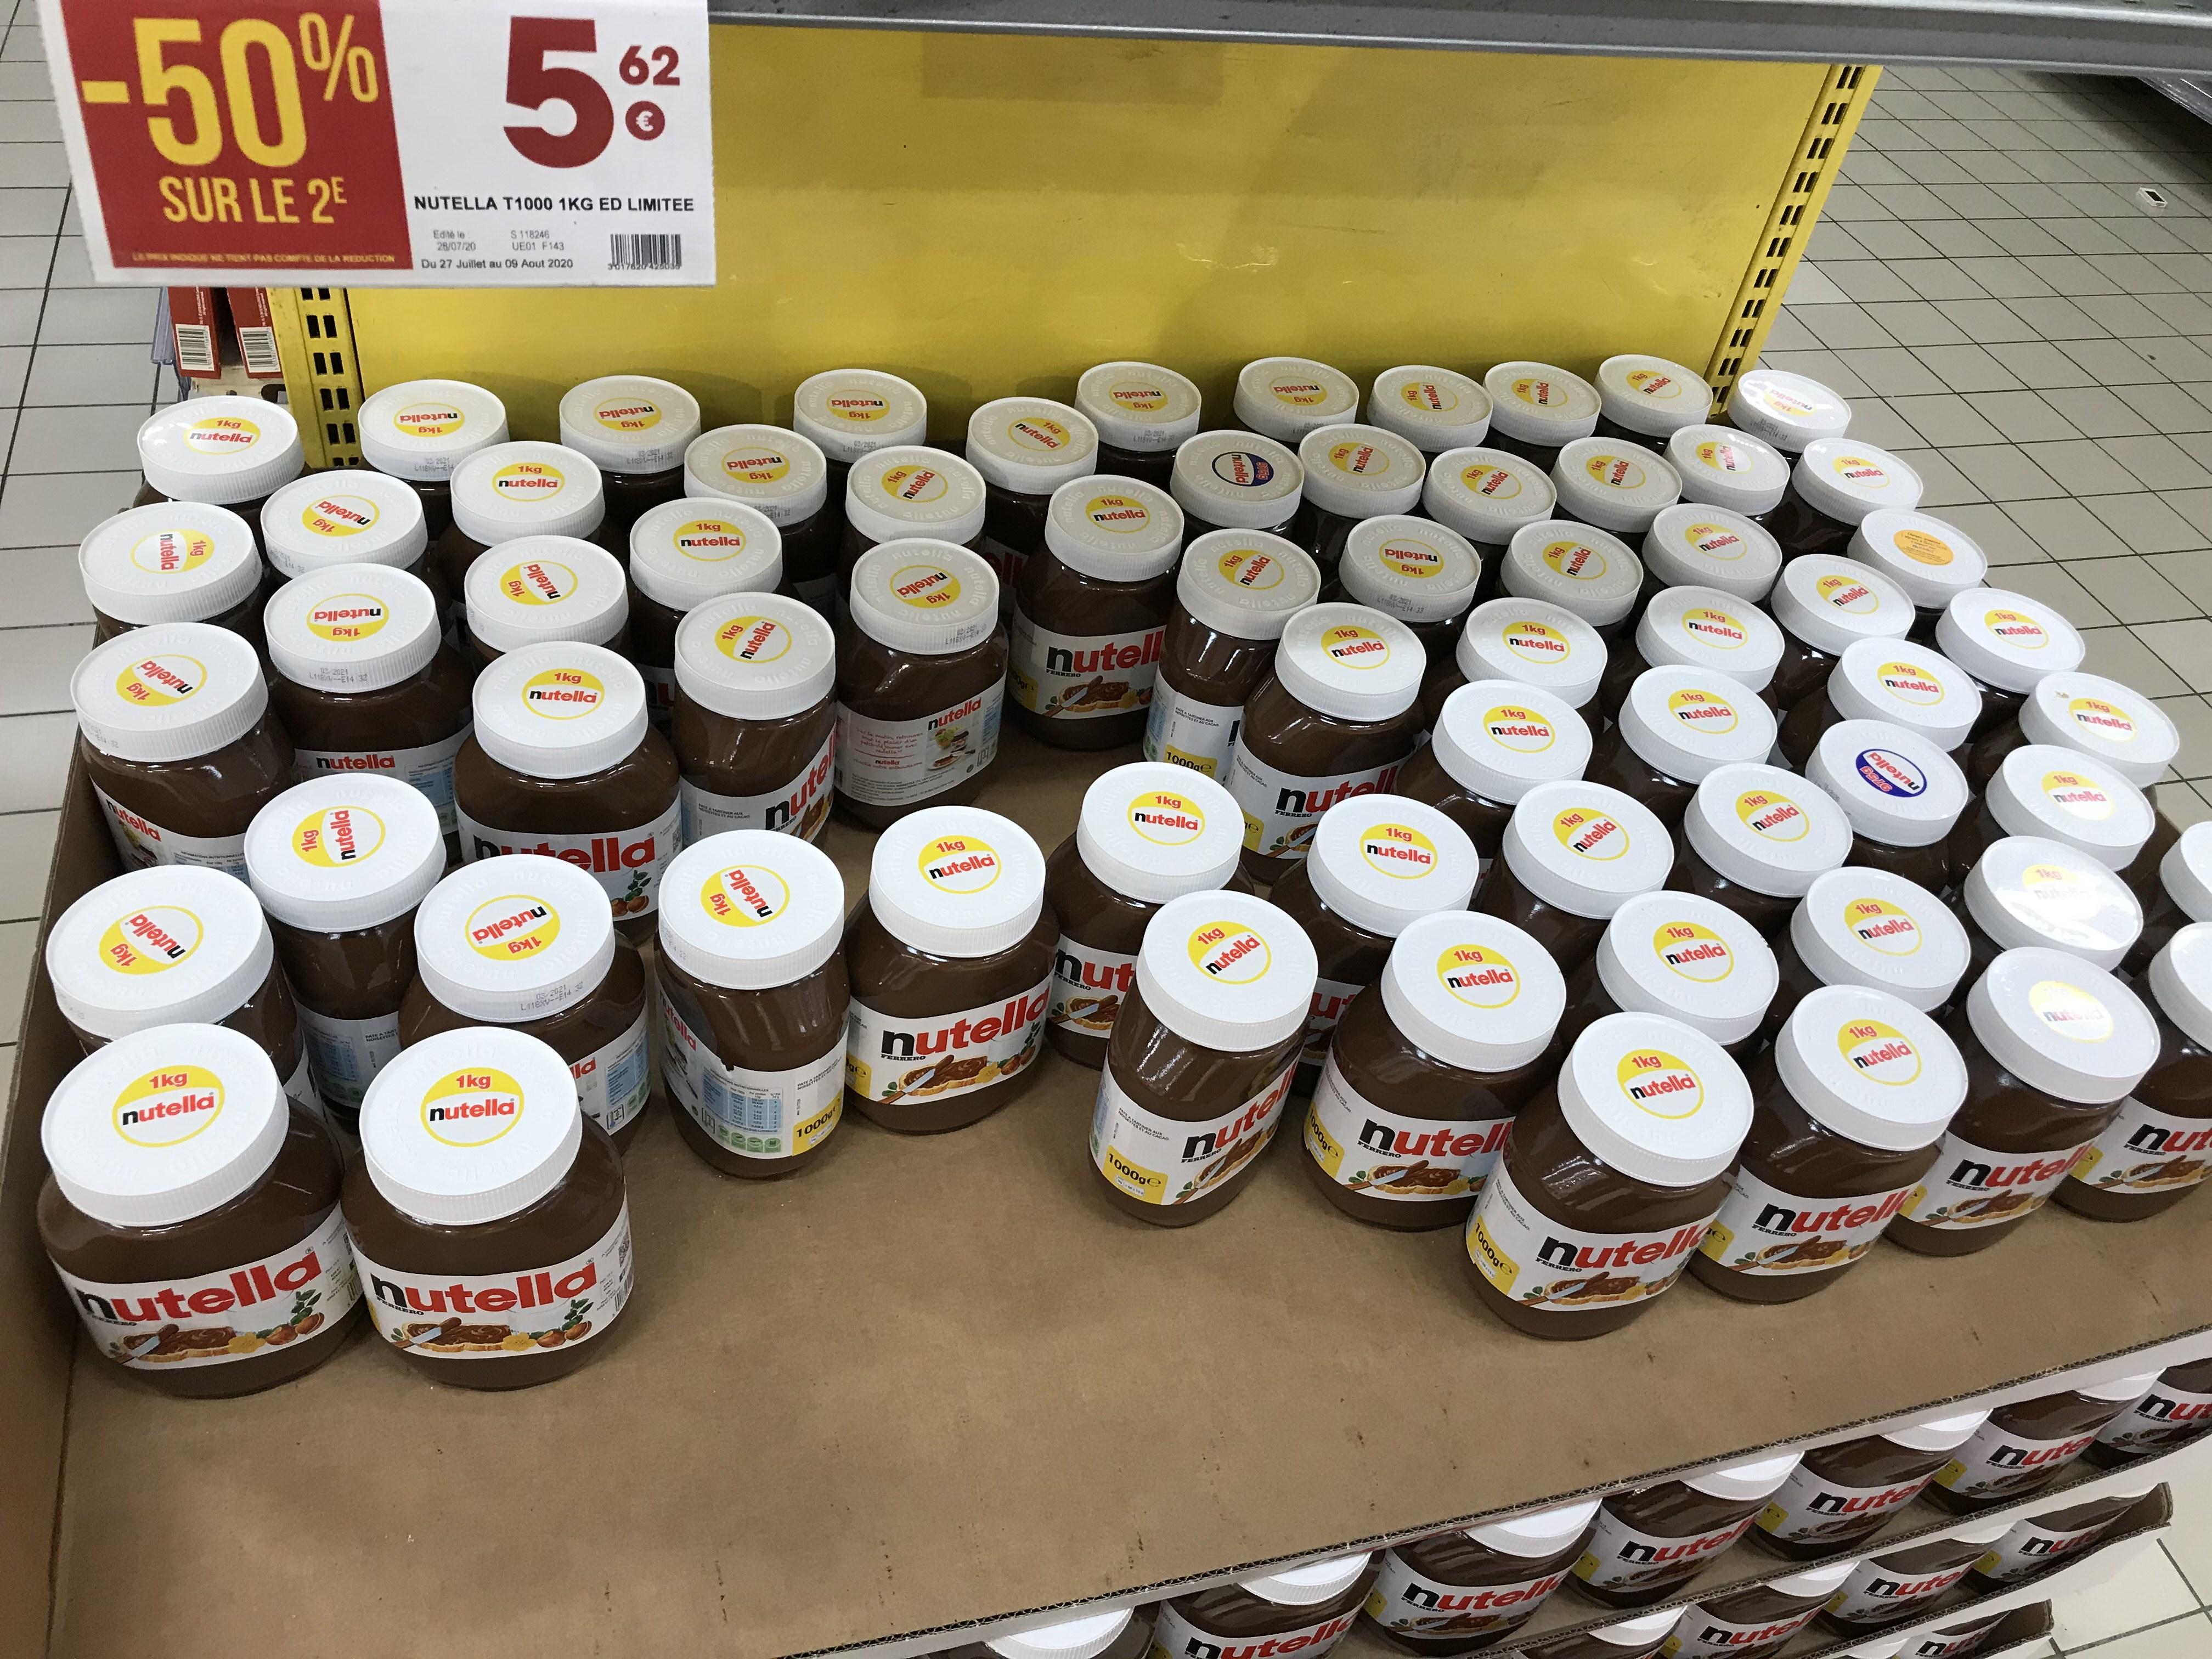 Lot de 2 Pots de Nutella - 2 x 1 Kg - Agen (47)